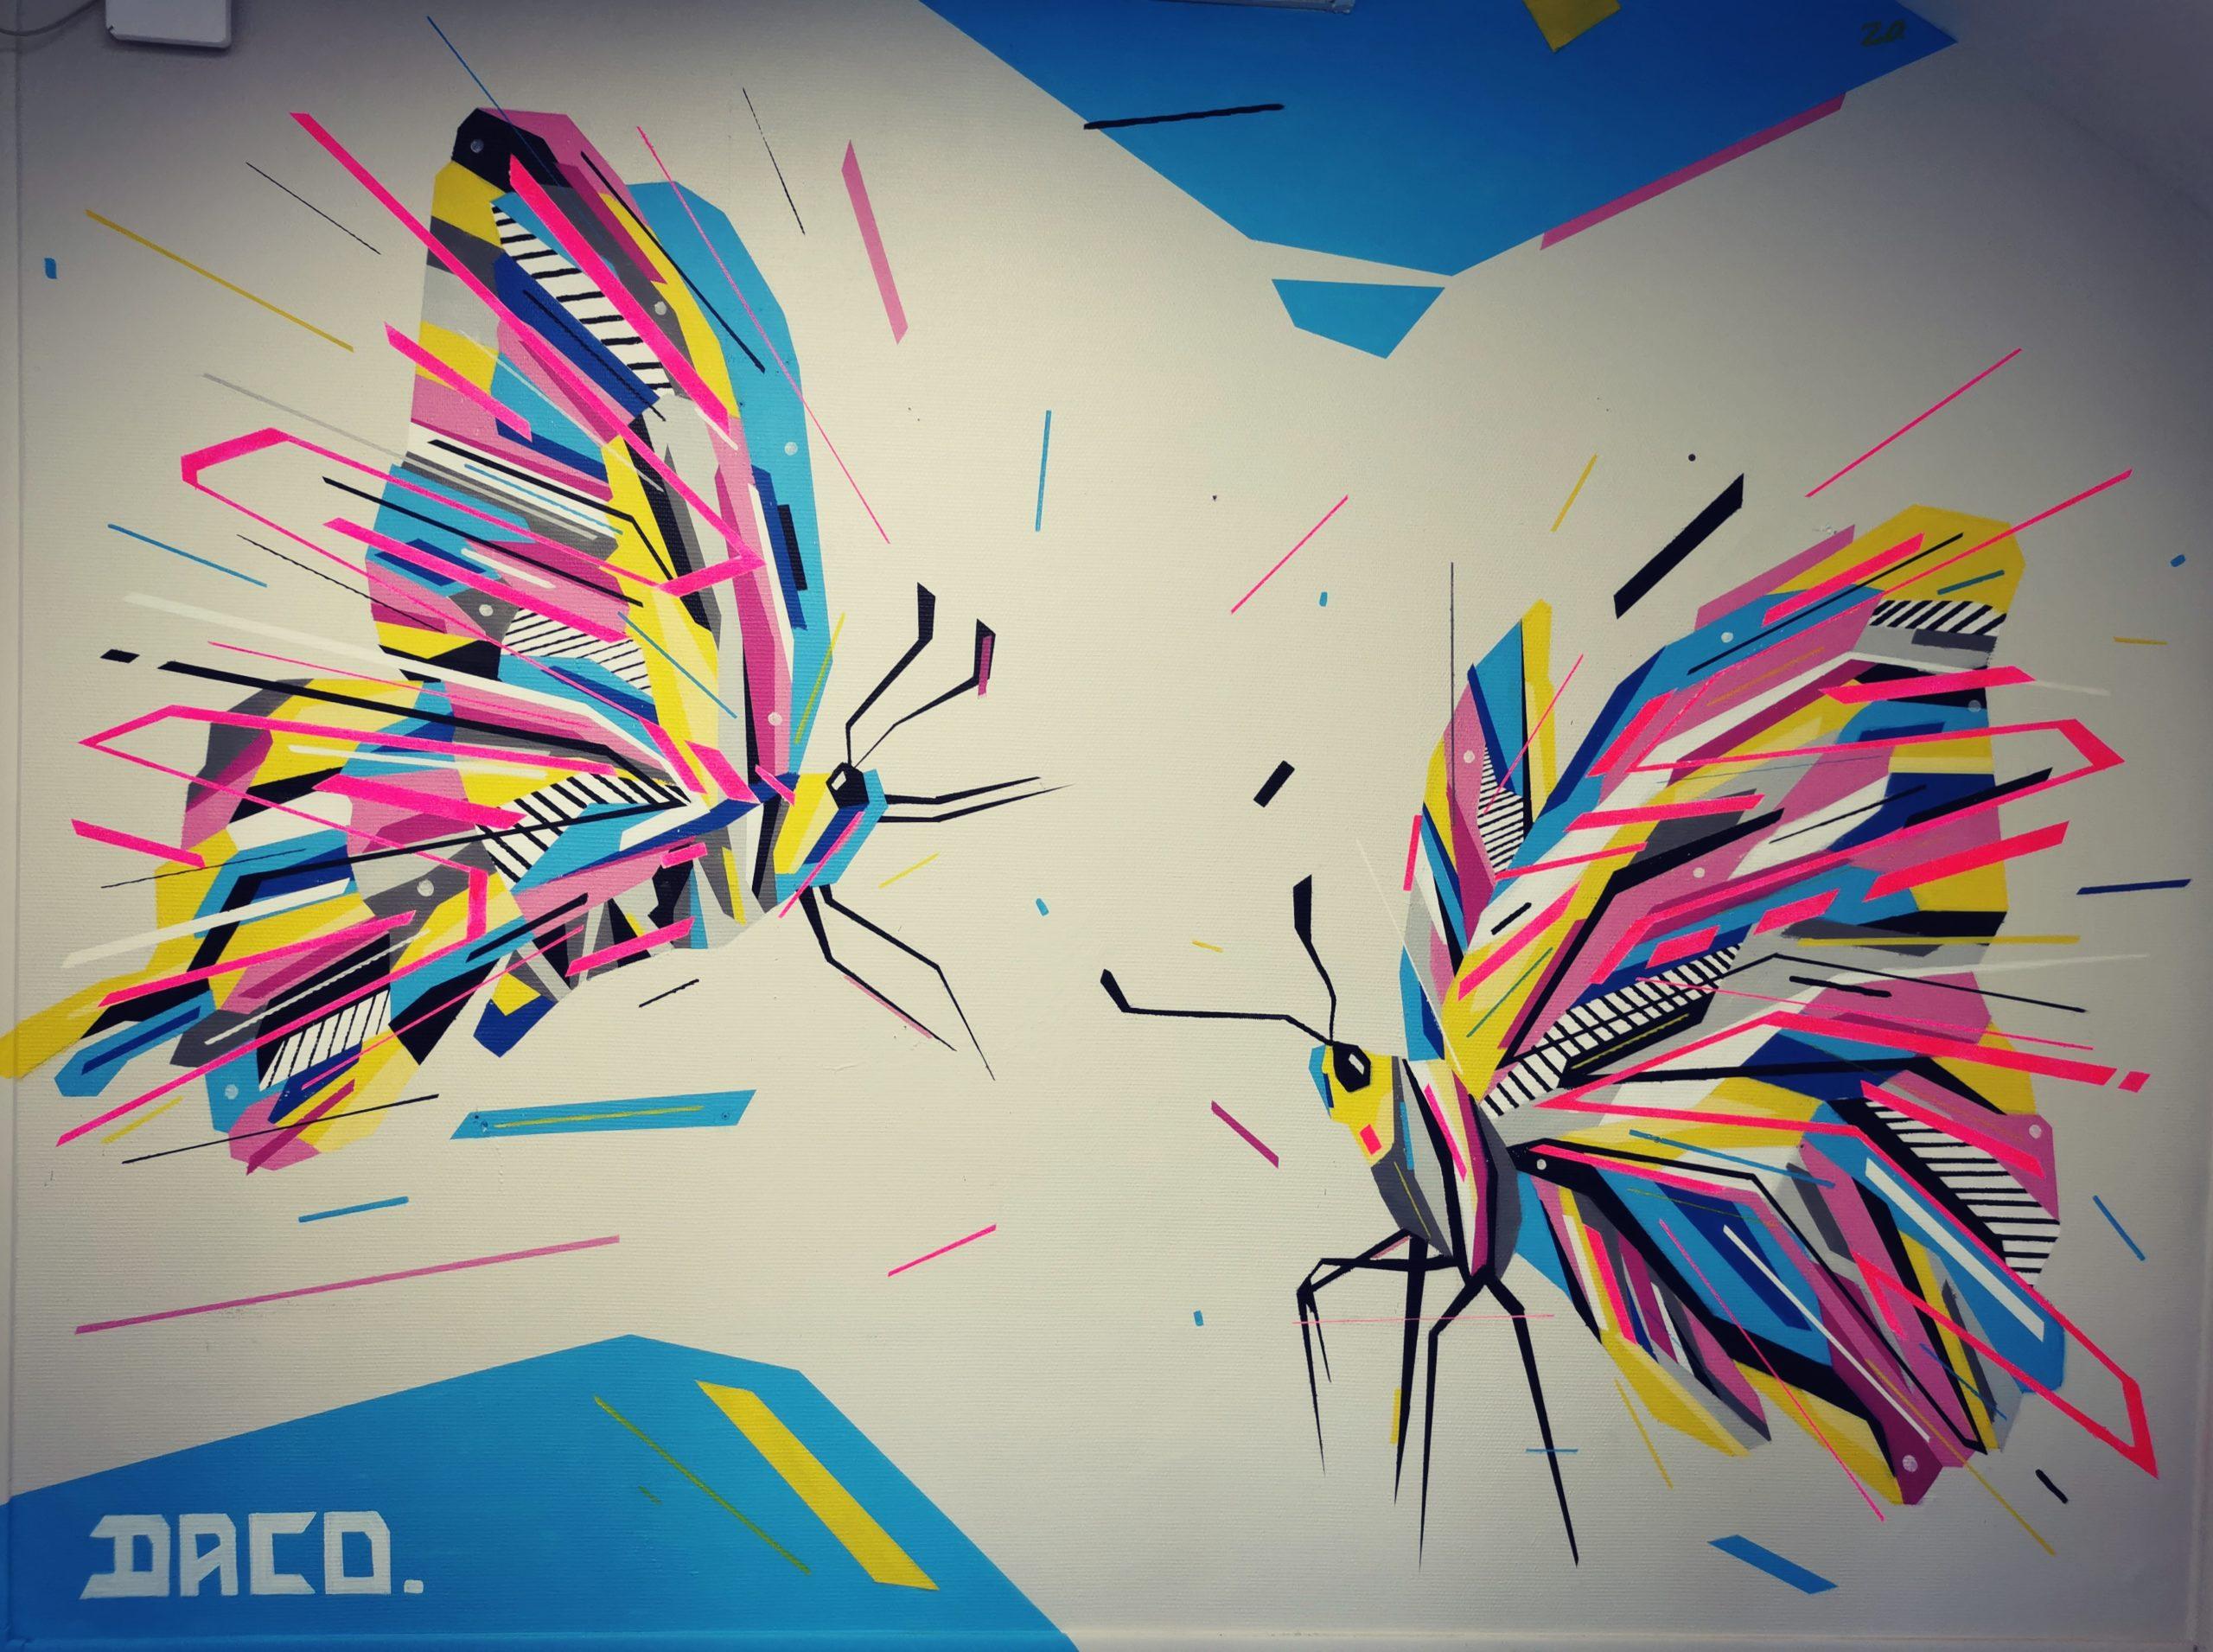 Fresque Graffaune Graffiti papillons réalisée par Daco